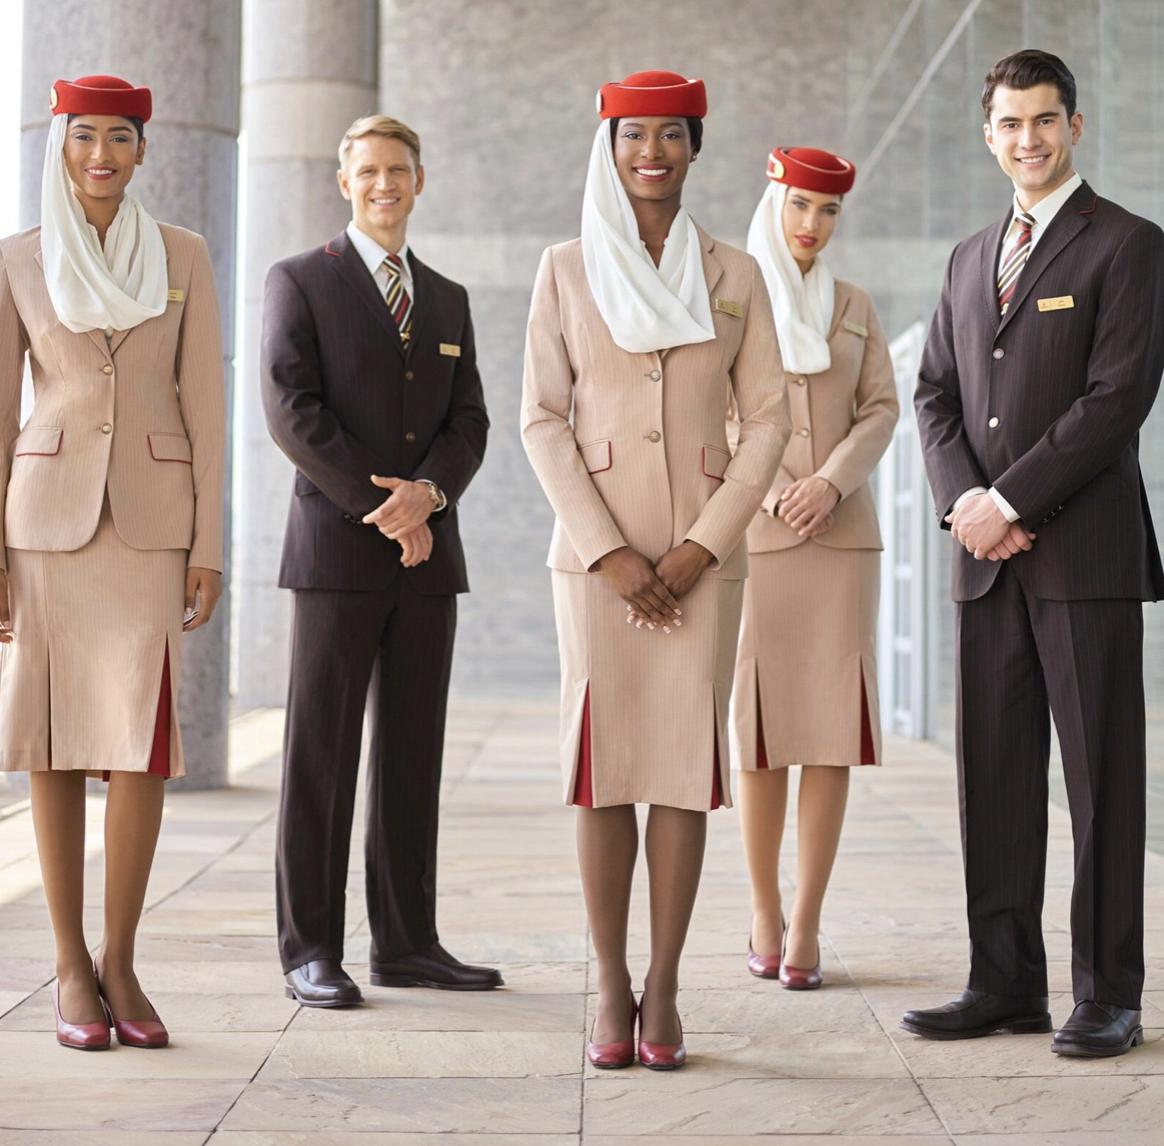 Emirates Airlines Cabin Crew Recruitment-Sep 2021